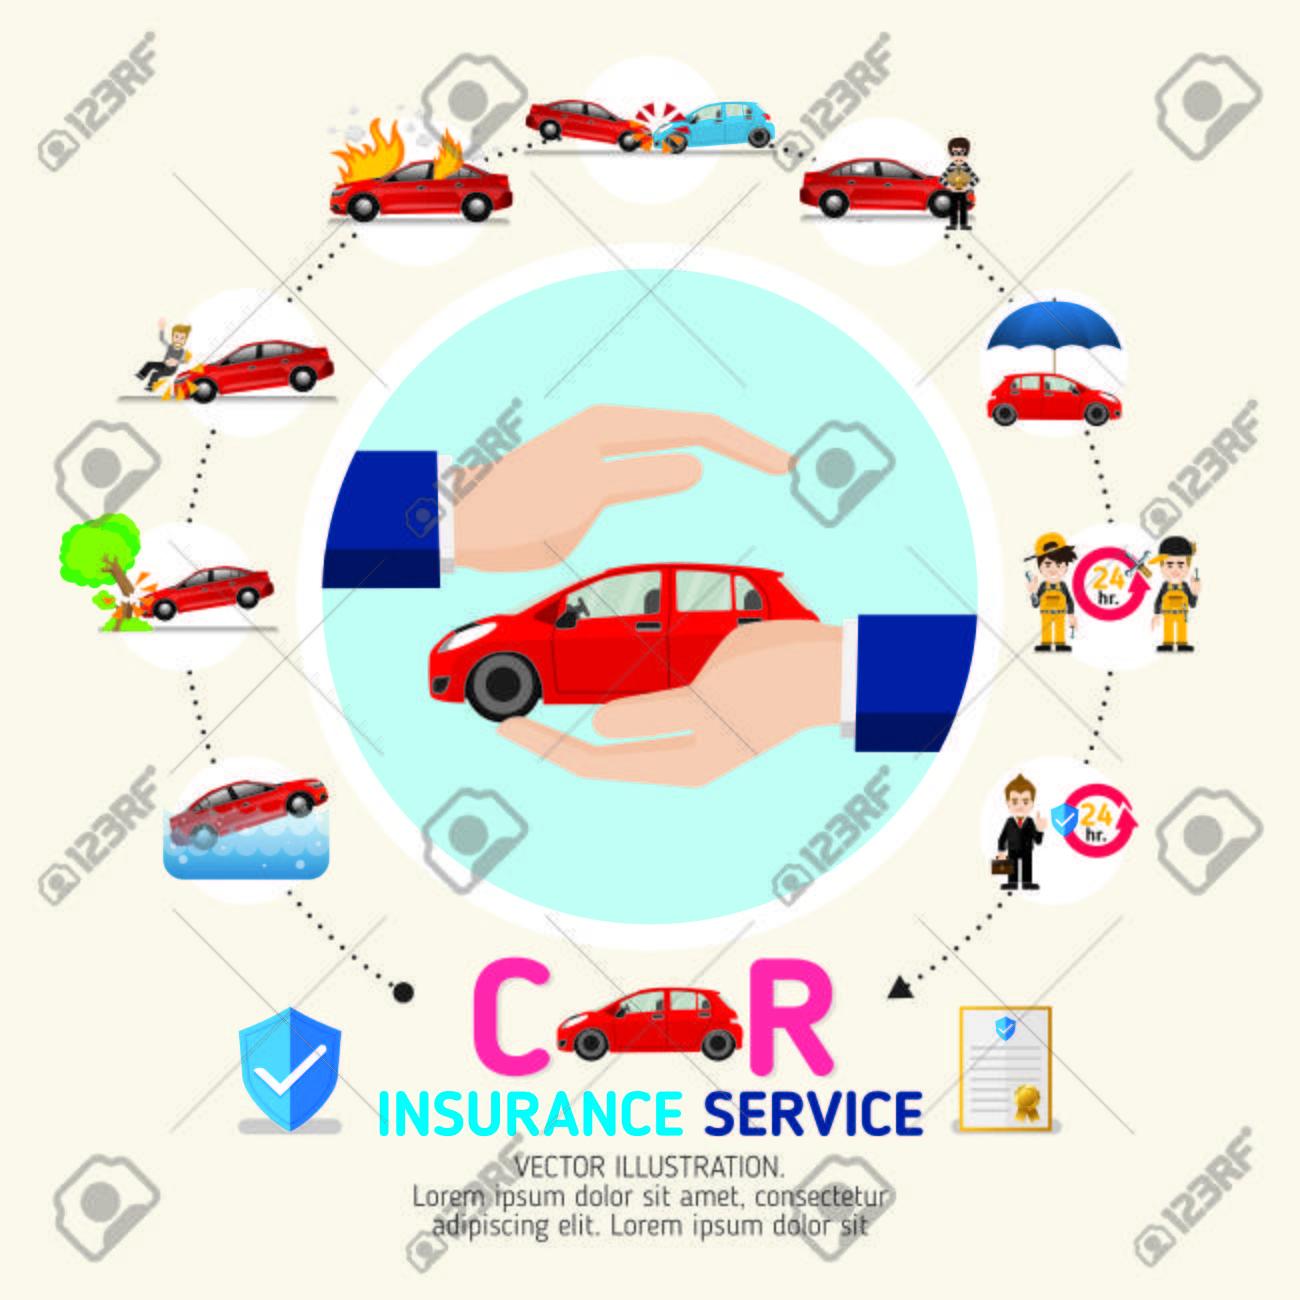 Kfz-Versicherung Business-Service-Icons Vorlage. Kann Für Die ...